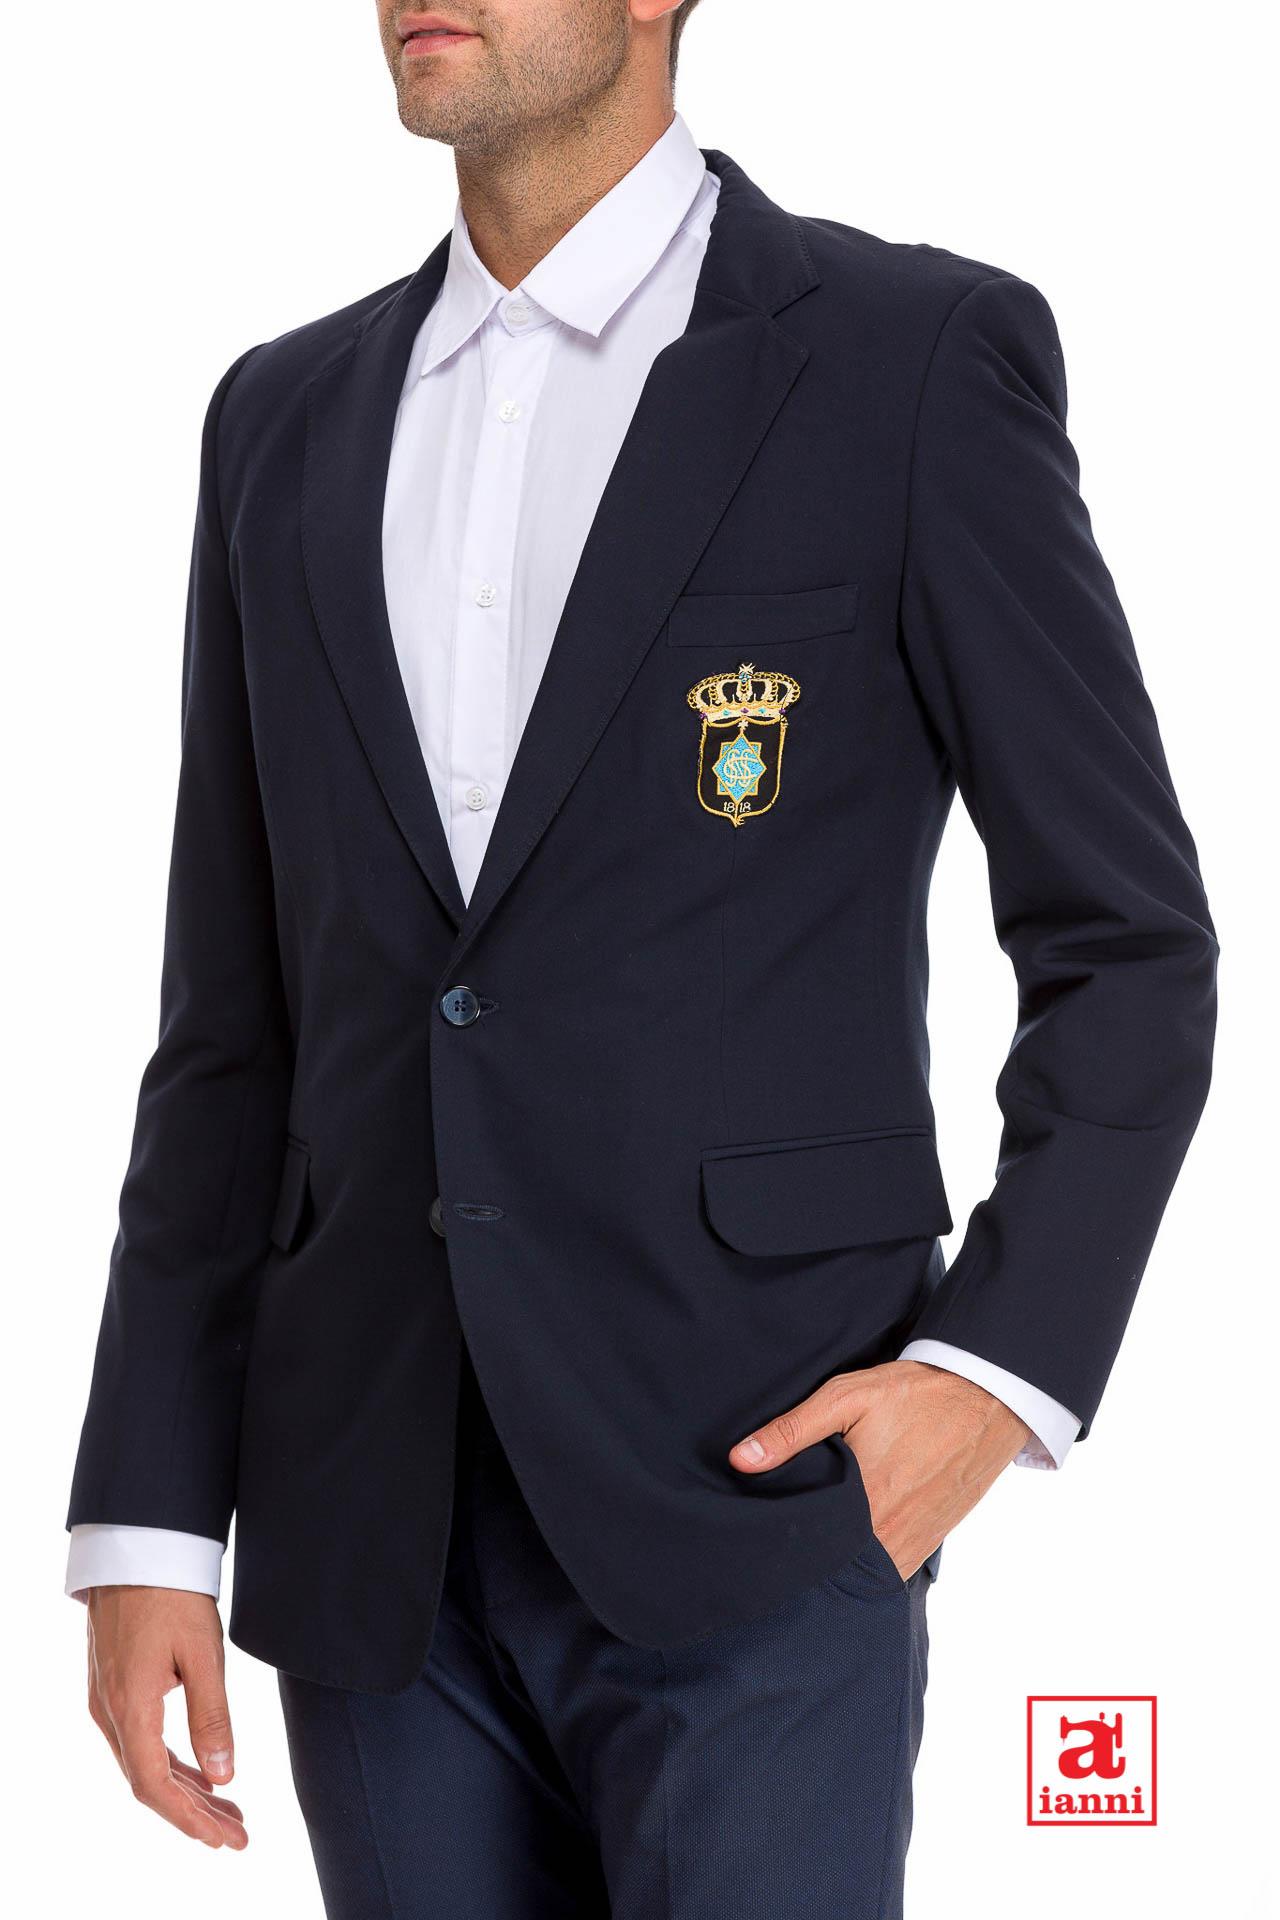 Uniforma scolara baiat